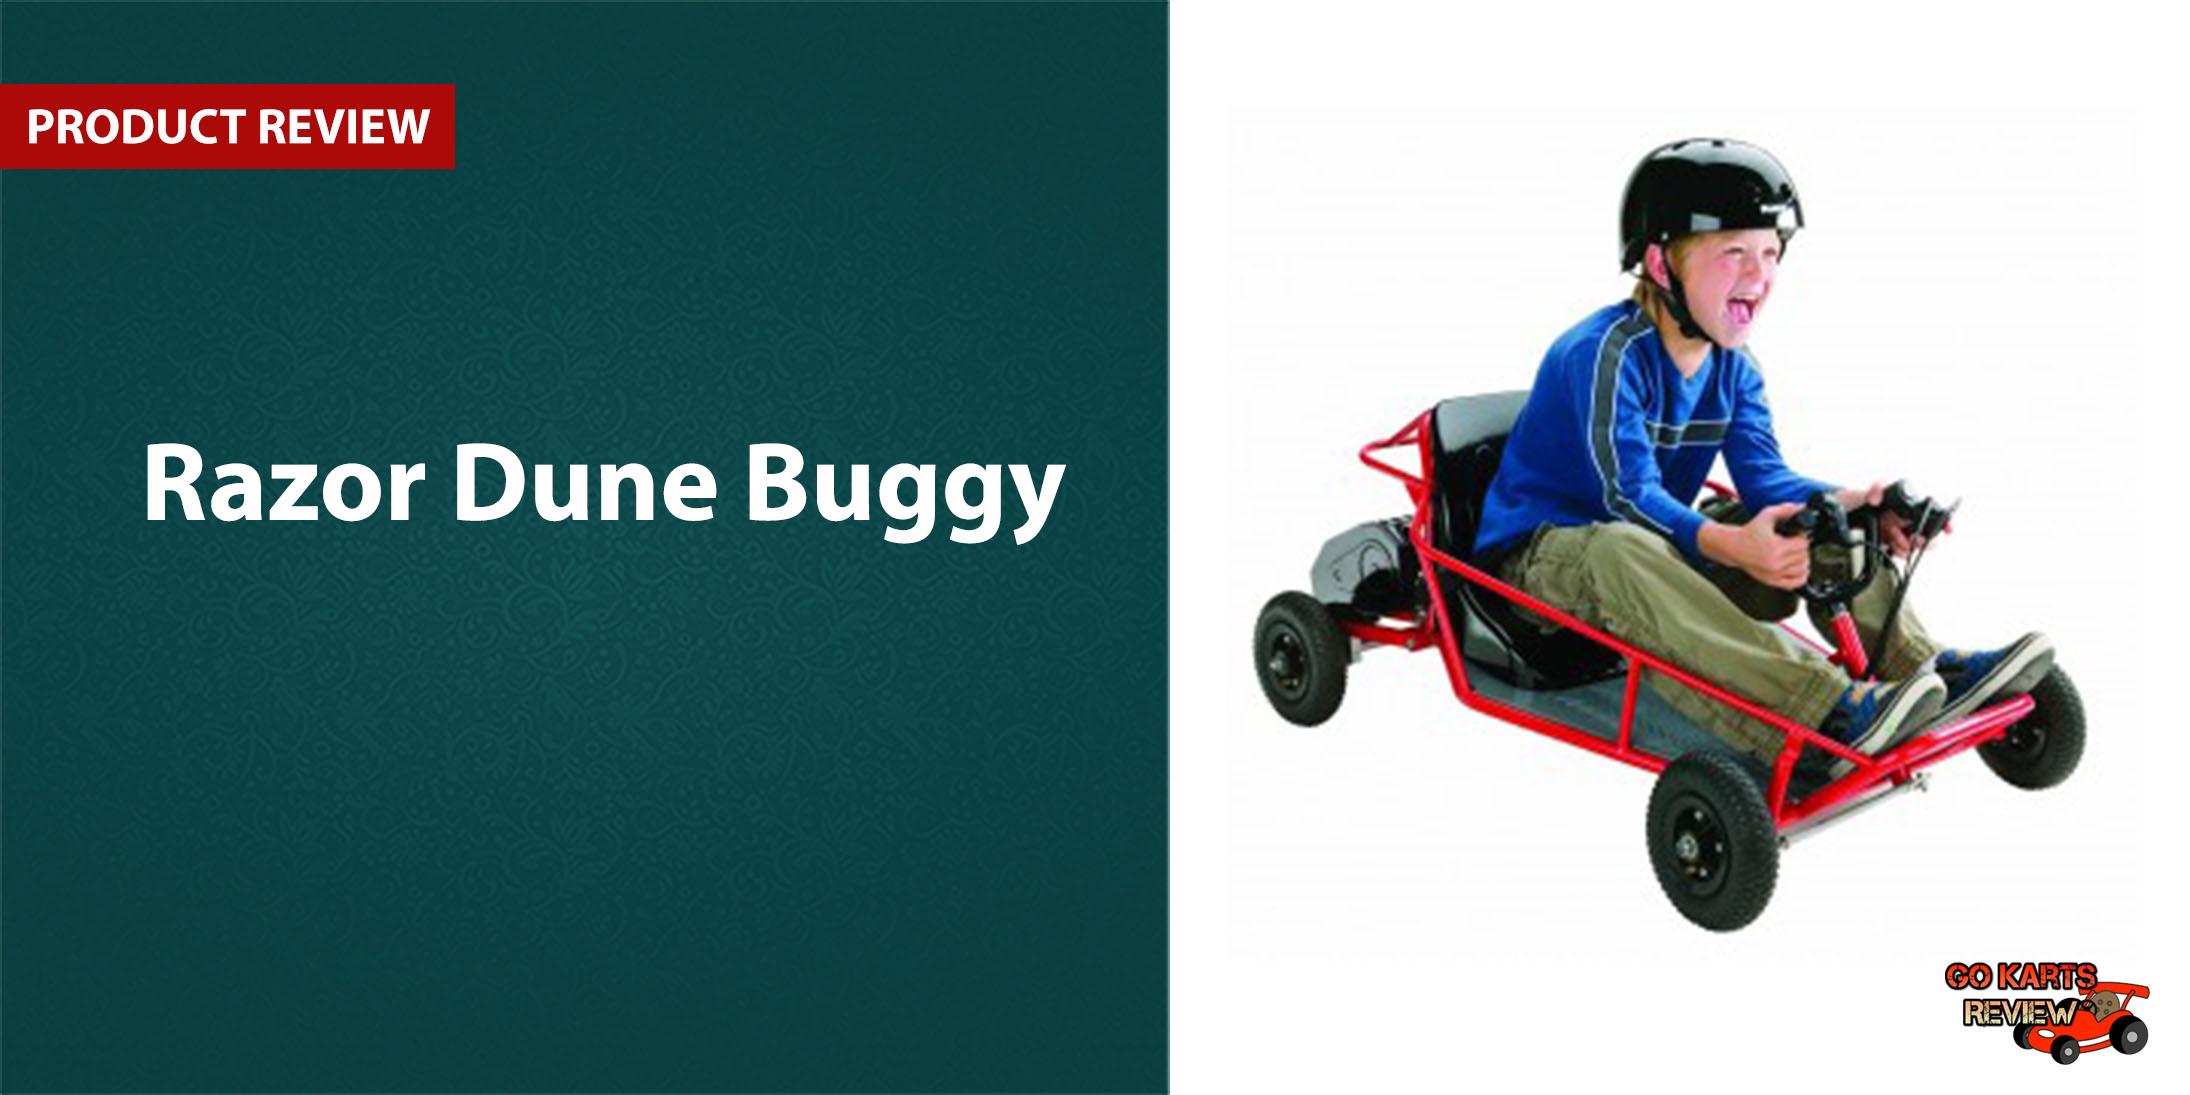 Razor Dune Buggy